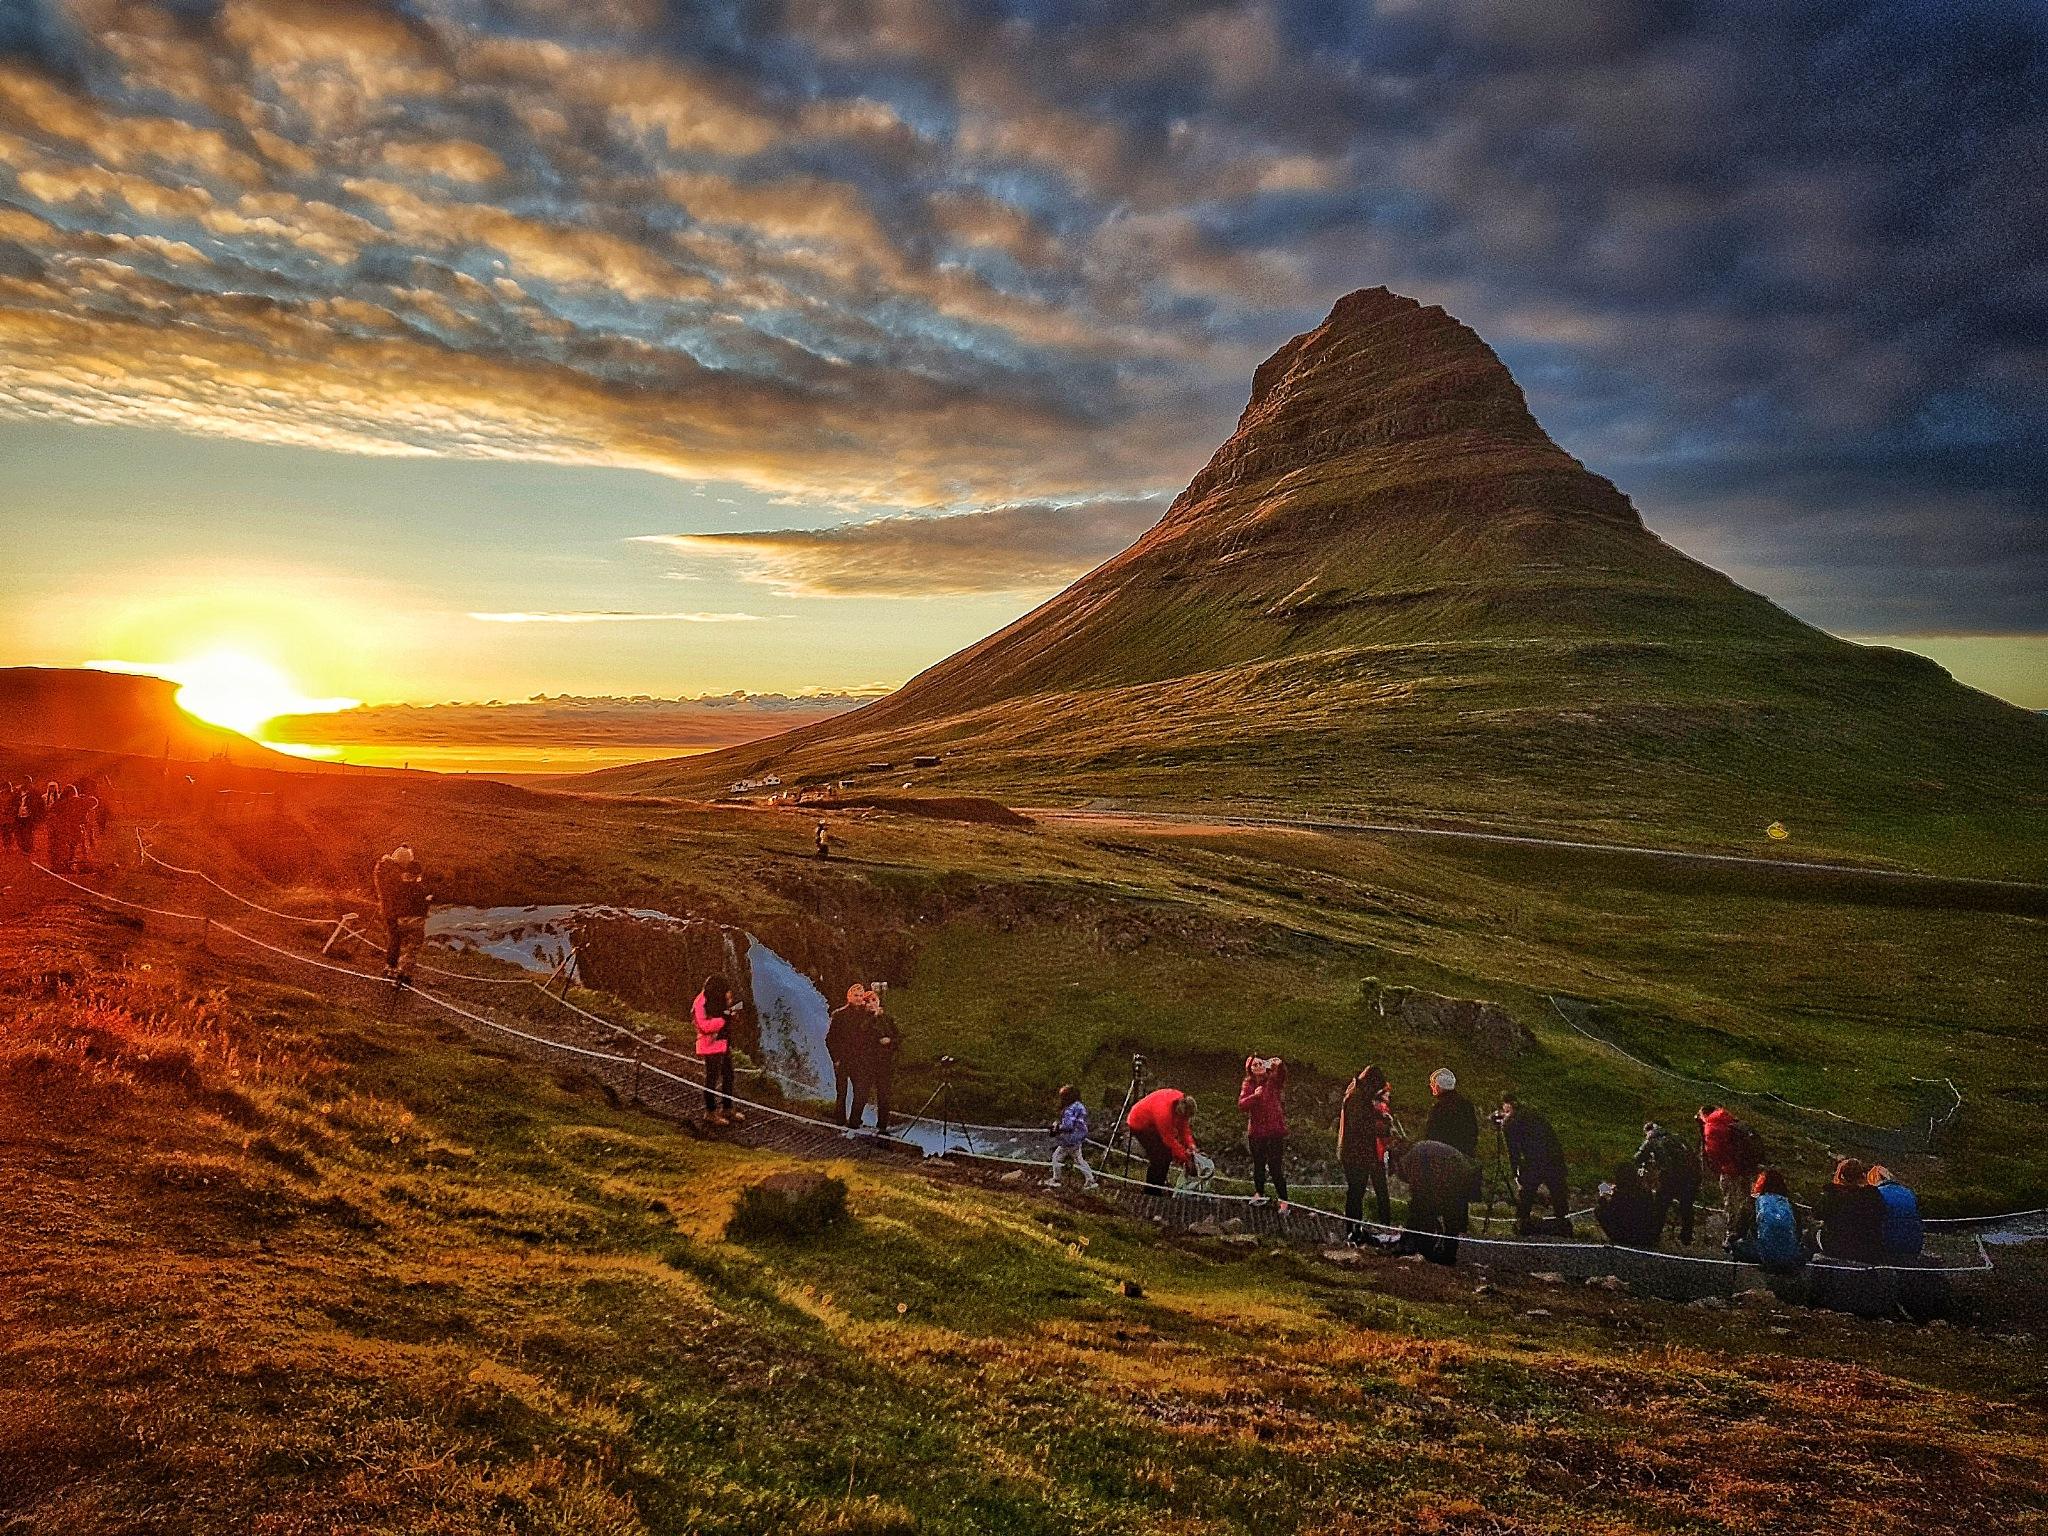 Sunset photo  by Jonas Hermansson